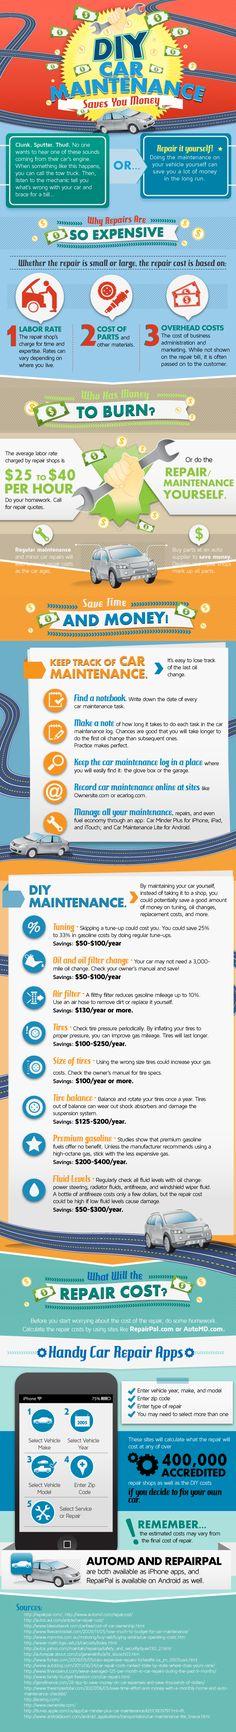 DIY car maintenance?